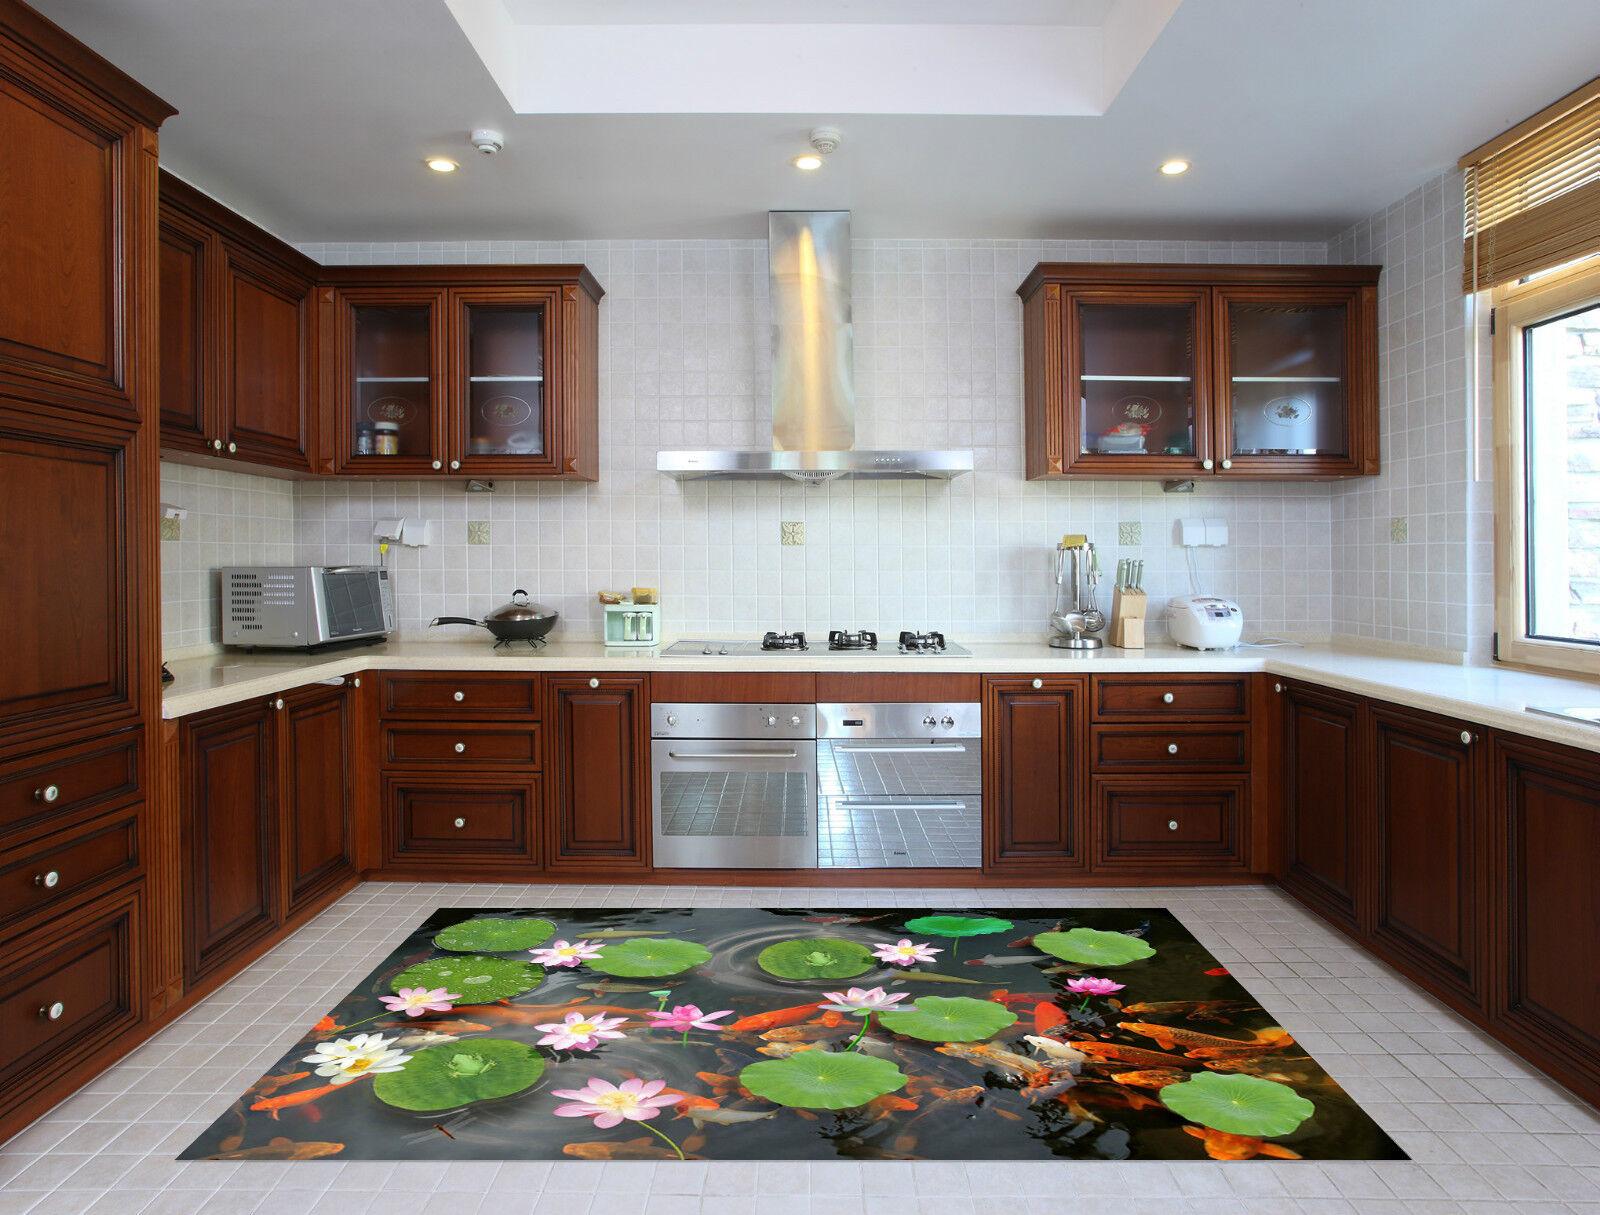 3D Lake Fishes 61 Kitchen Mat Floor Murals Wall Print Wall Deco AJ WALLPAPER CA